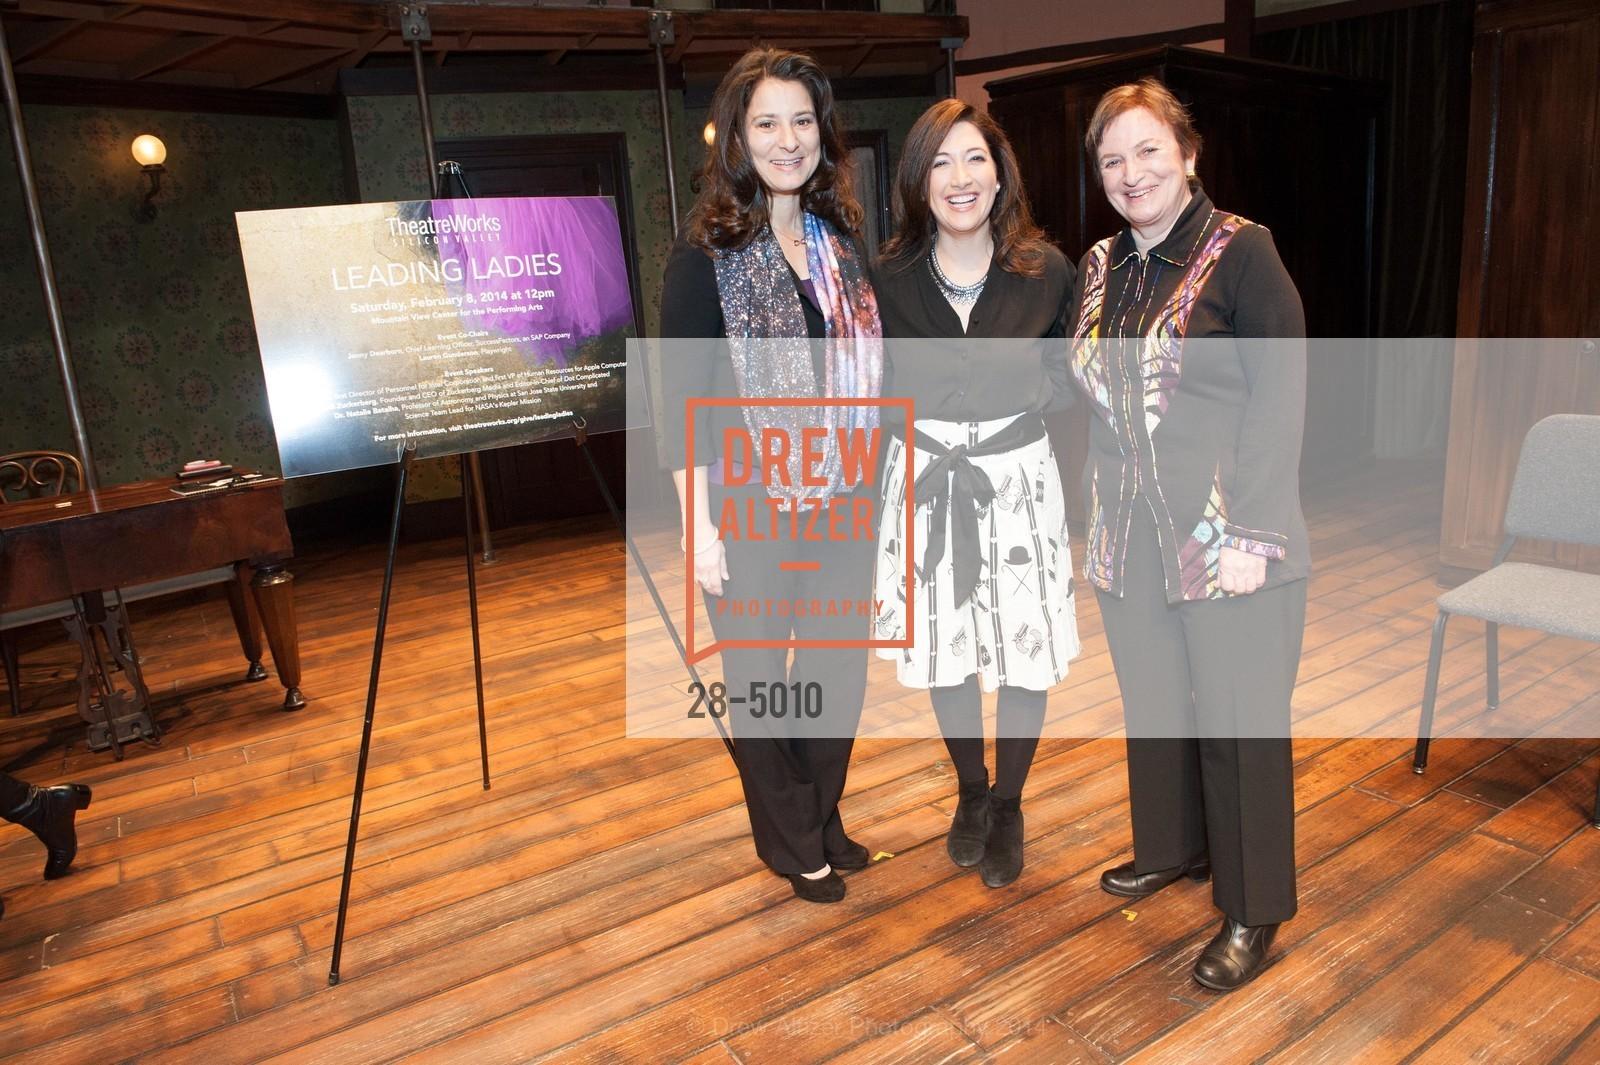 Natalie Batalha, Randi Zuckerberg, Ann Bowers, Photo #28-5010